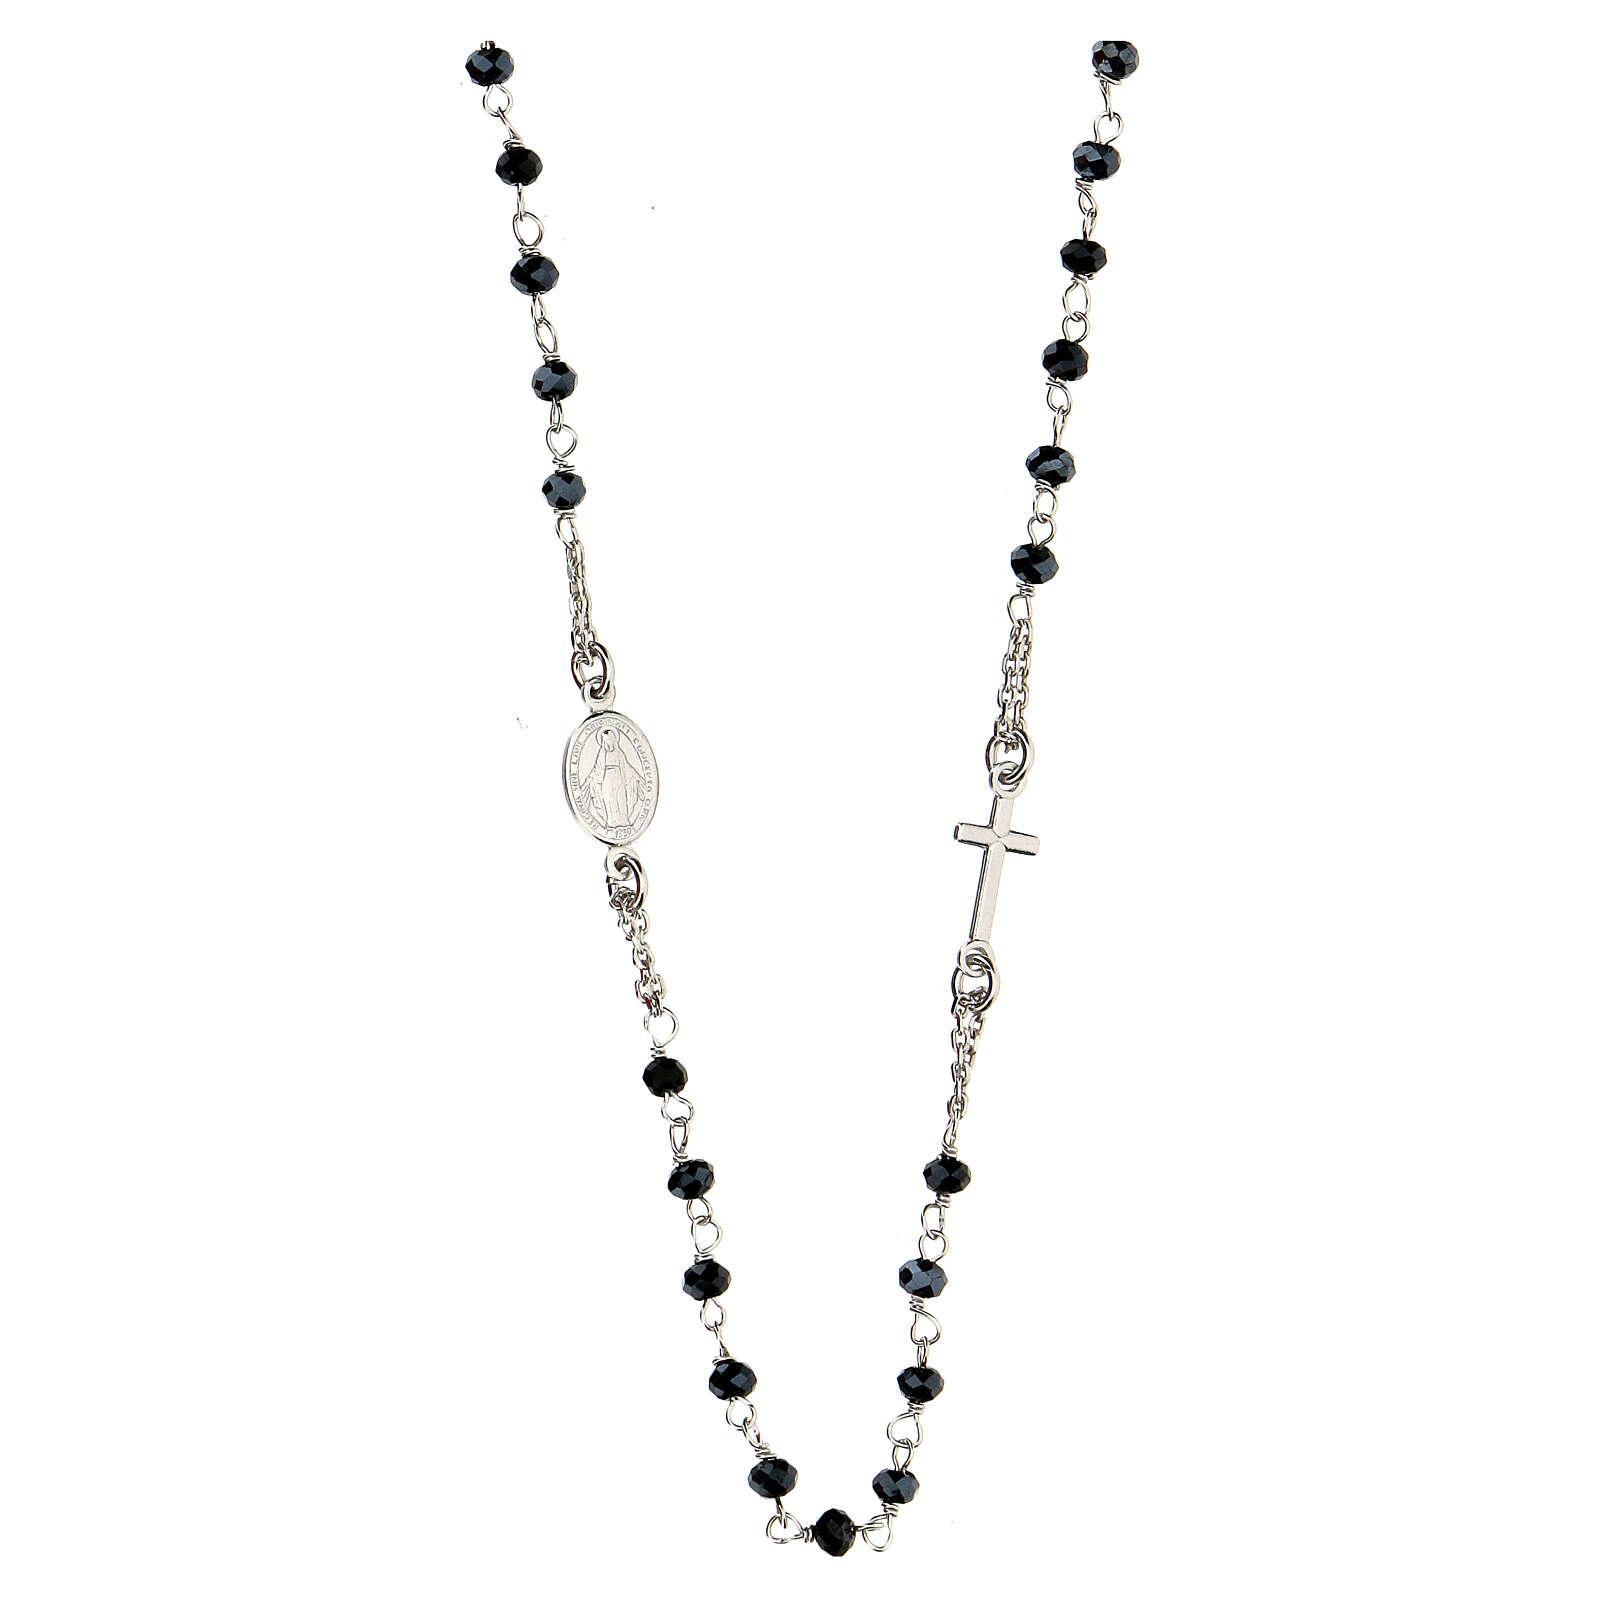 Collar Rosario AMEN clásico Pavè cristales negros plata 925 Rodio 4